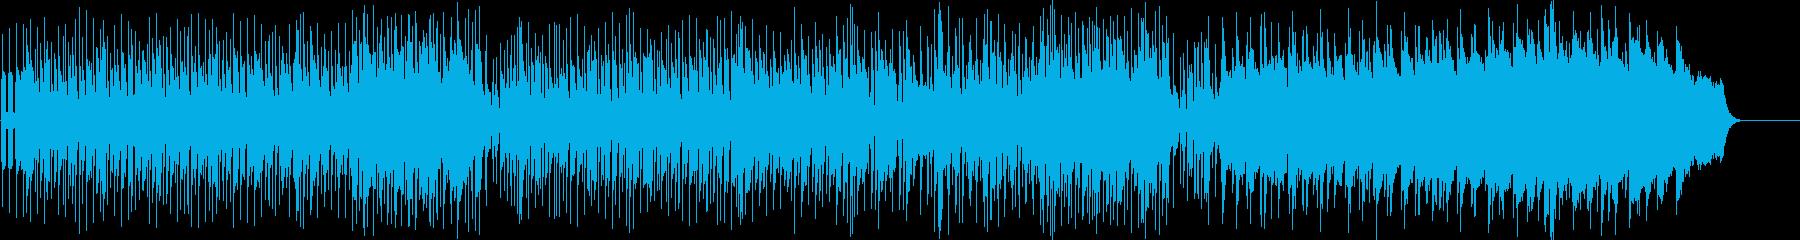 オリエンタルムードの変化のあるポップスの再生済みの波形